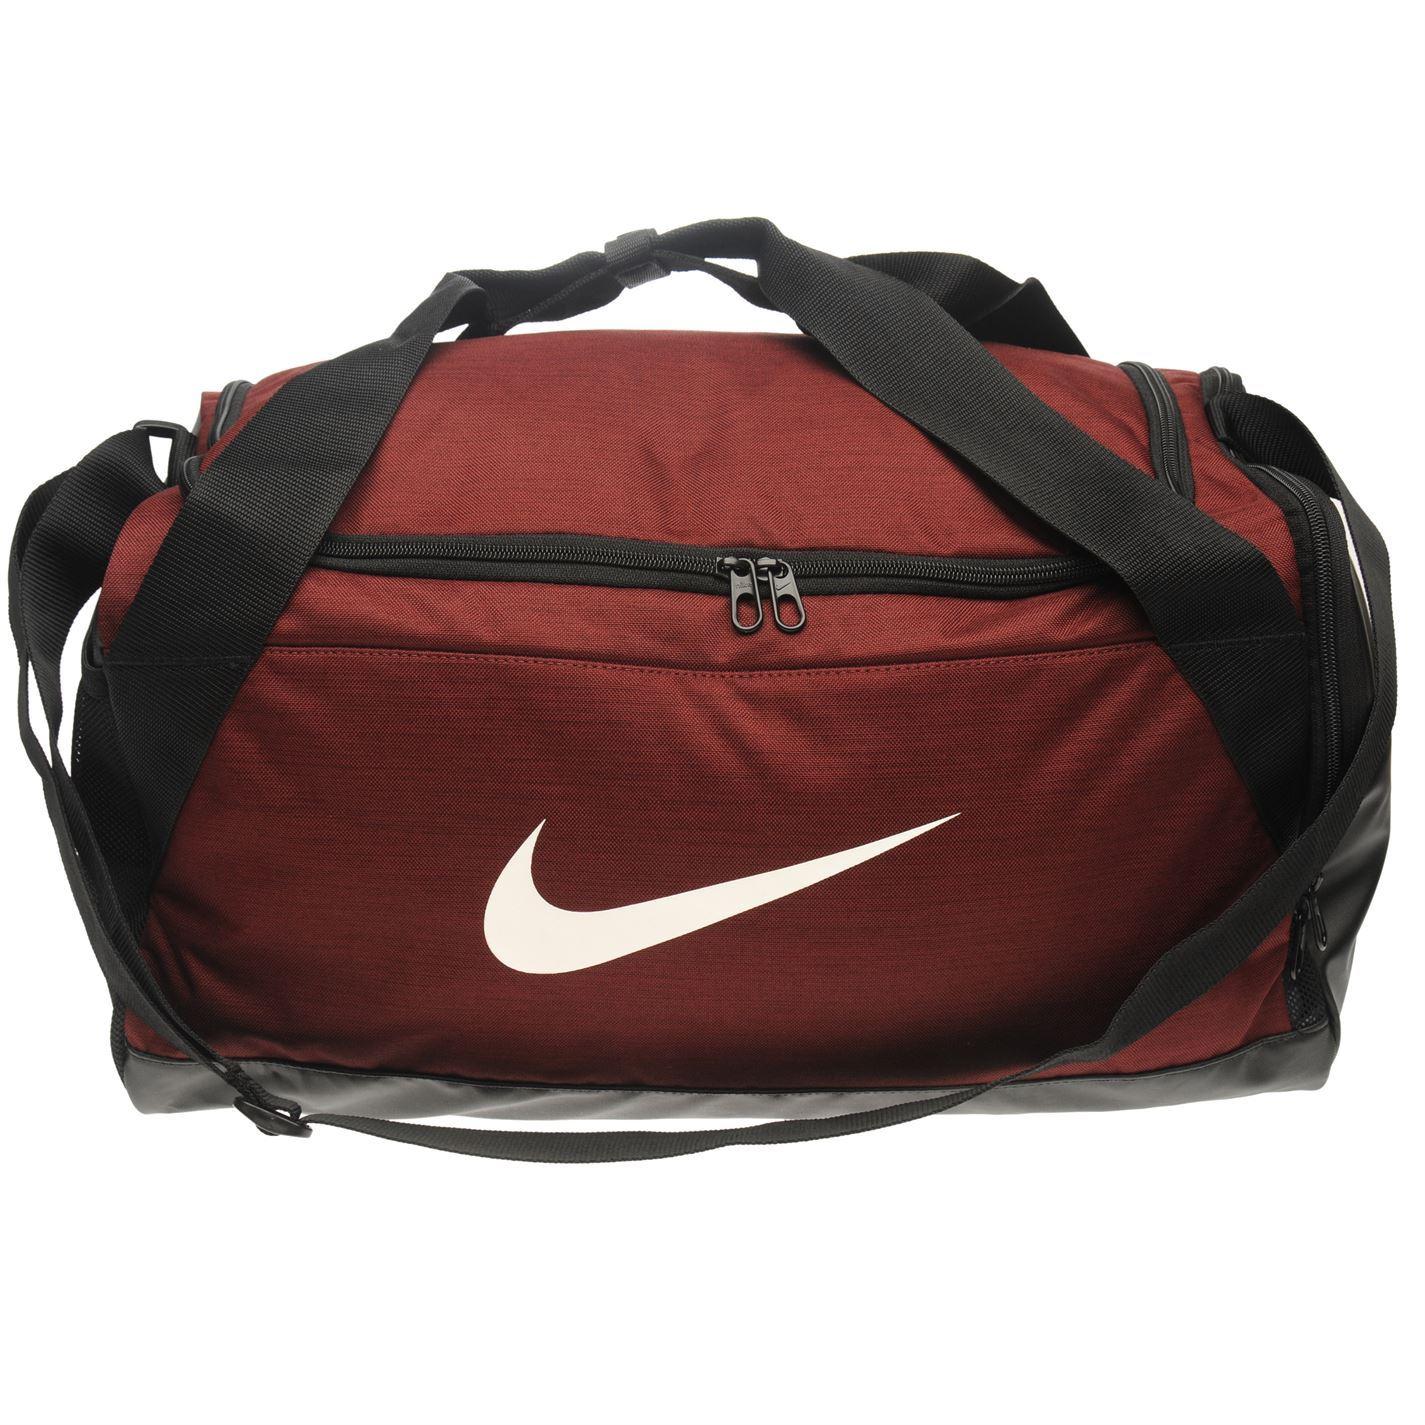 3517edf601 Nike Brasilia Duffel Bag Xs